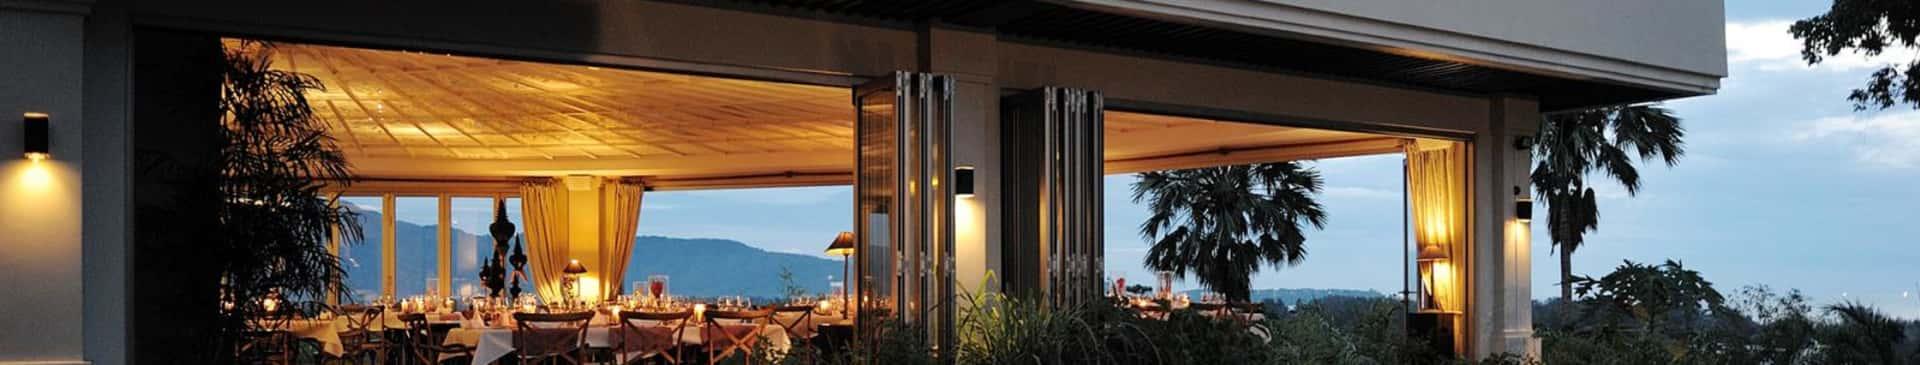 The Pavilions Phuket's Restaurant Guide